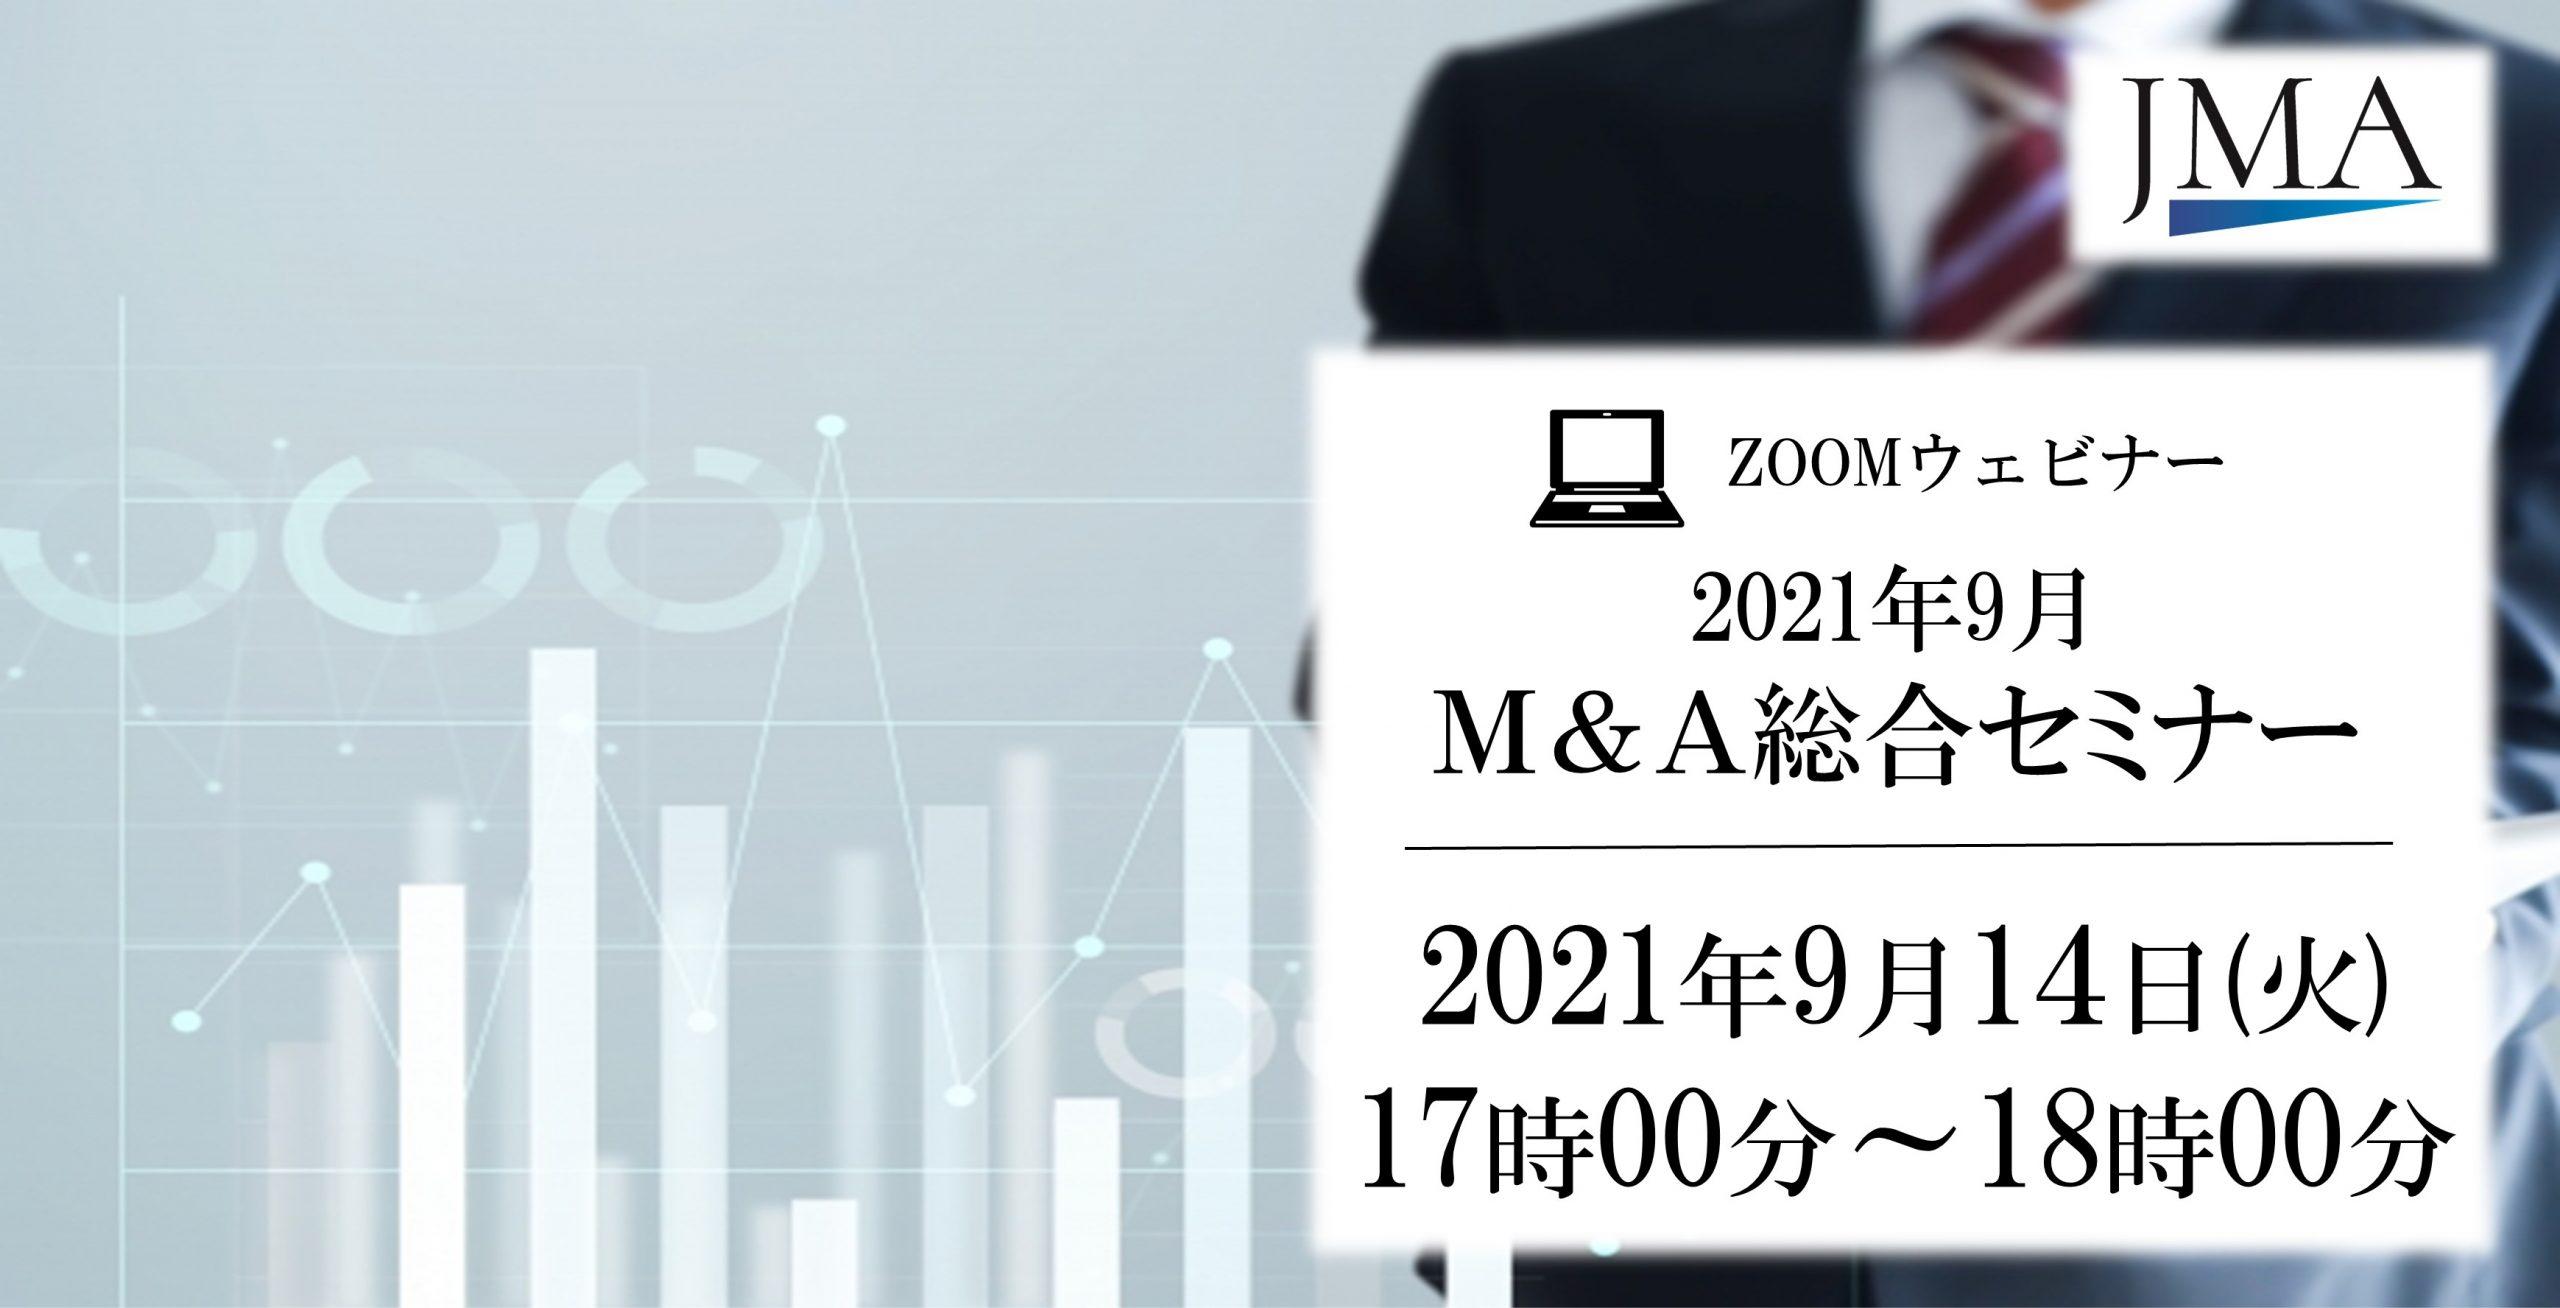 2021年9月 M&A総合セミナー「事例でみる事業承継の進め方」